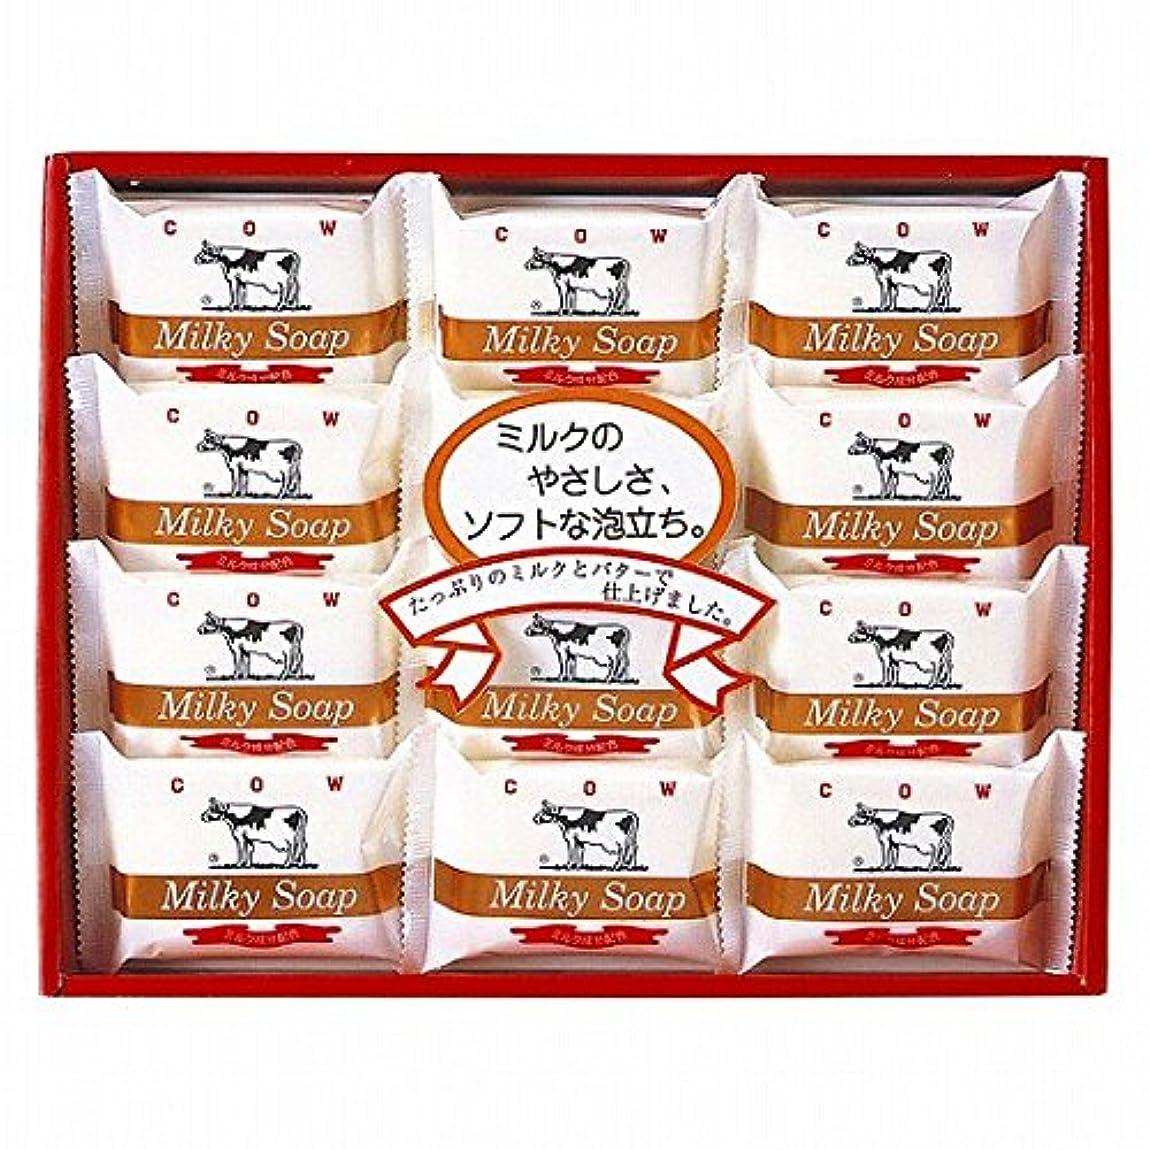 速度悪意非難するnobrand 牛乳石鹸 ゴールドソープセット (21940005)